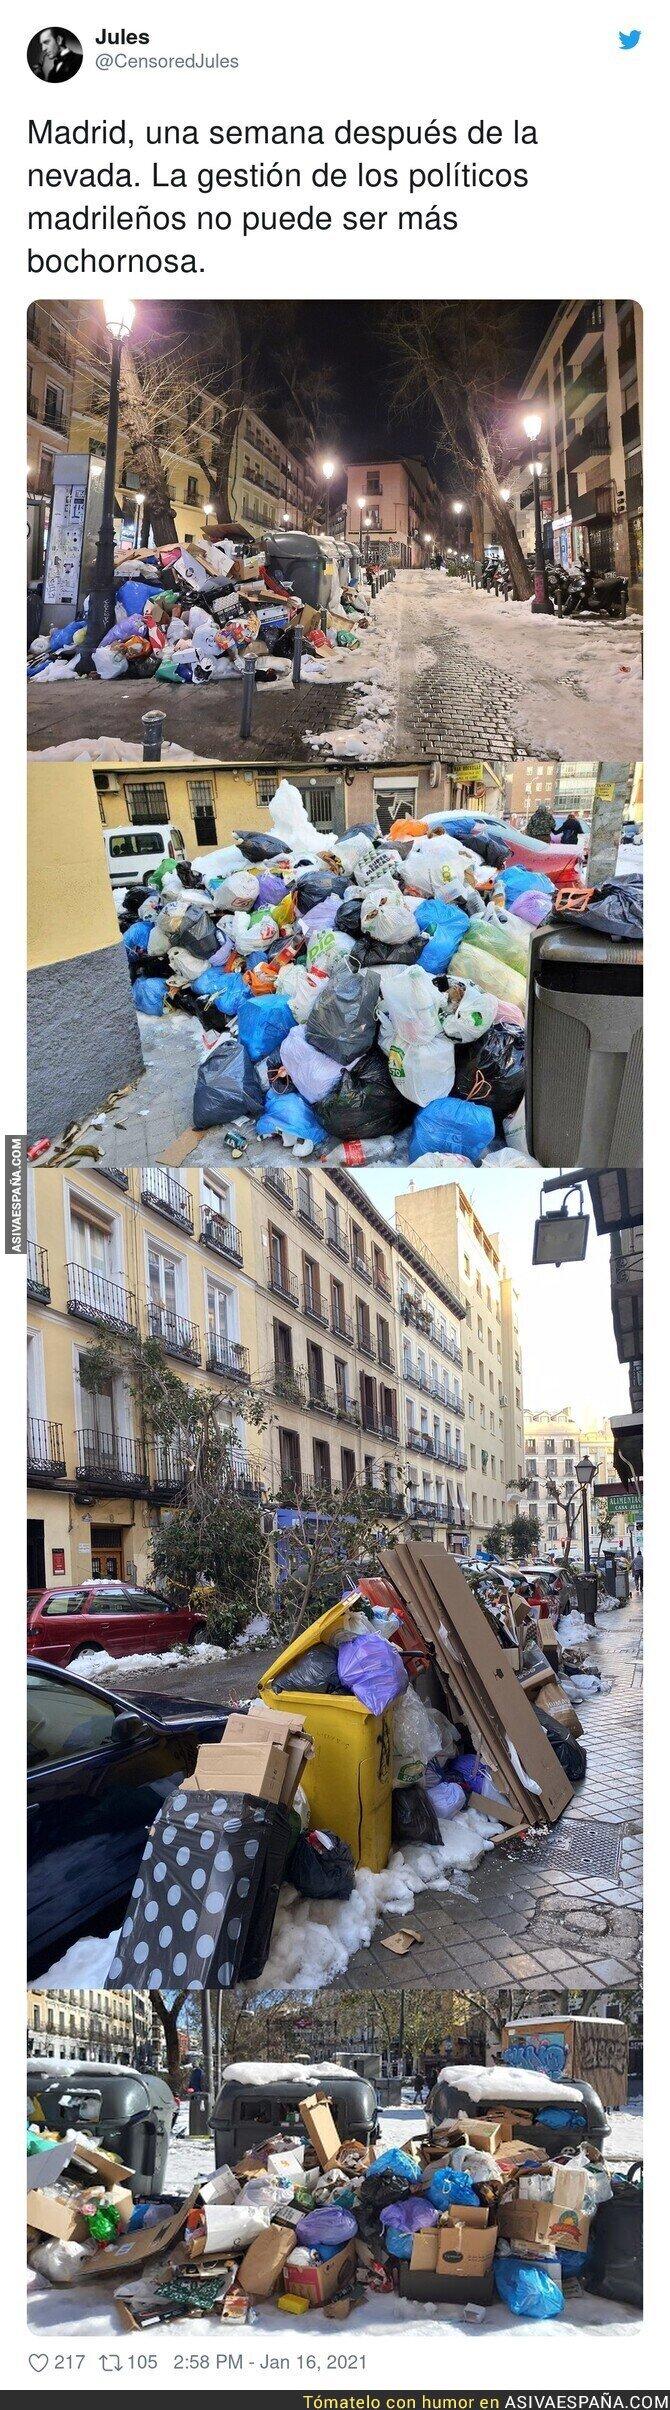 554354 - La situación de Madrid es muy preocupante con el PP al frente en una nevada